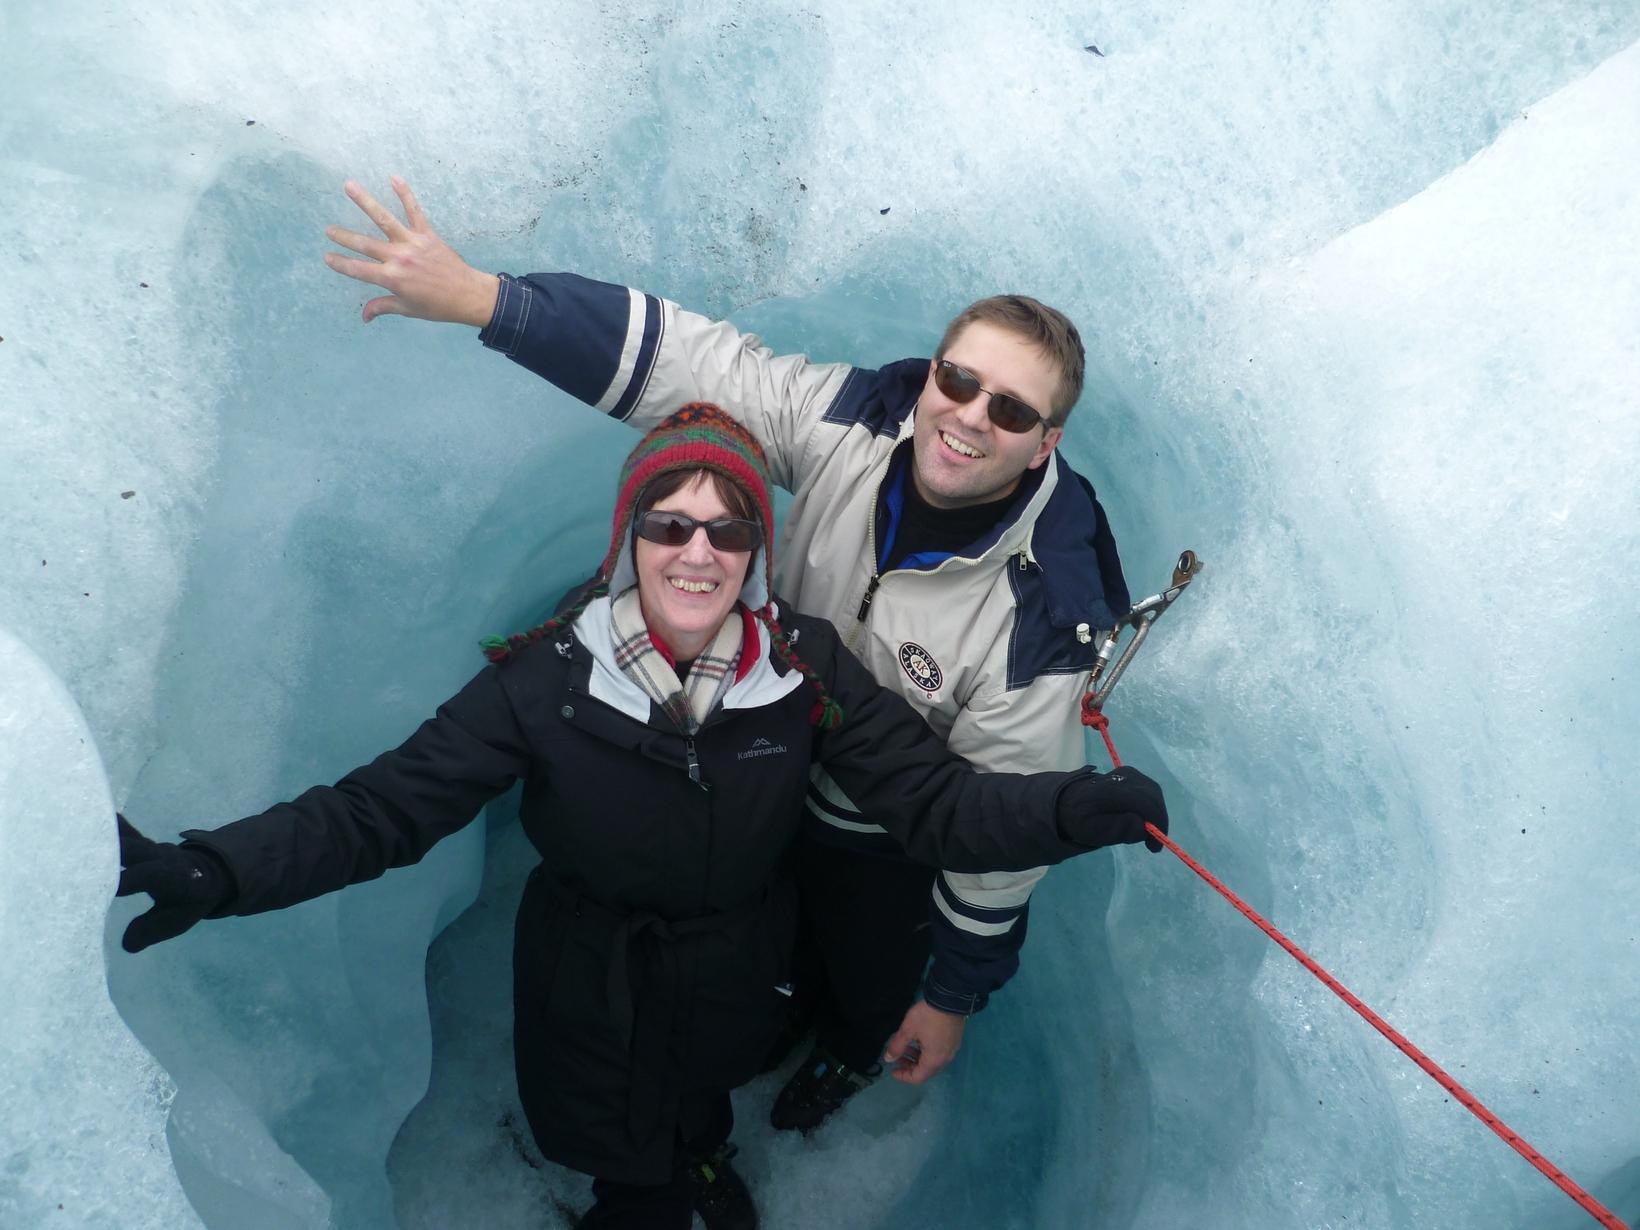 Ryan & Margaret from Brisbane, Queensland, Australia